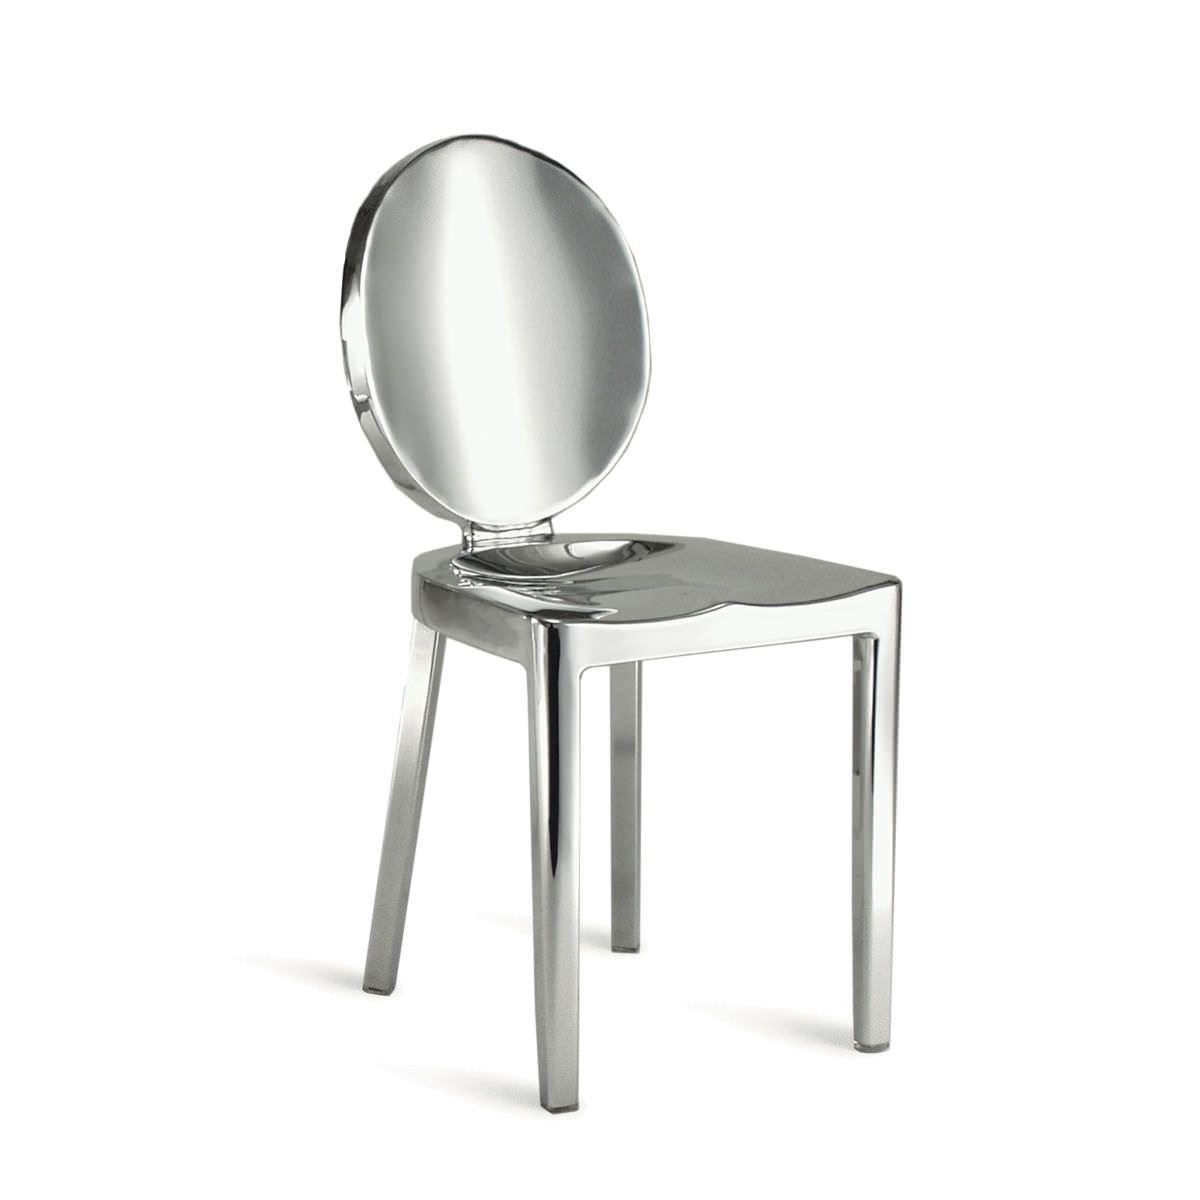 Moderner Stuhl / Medaillon / Aluminium / Von Philippe Starck   KONG : KONG P